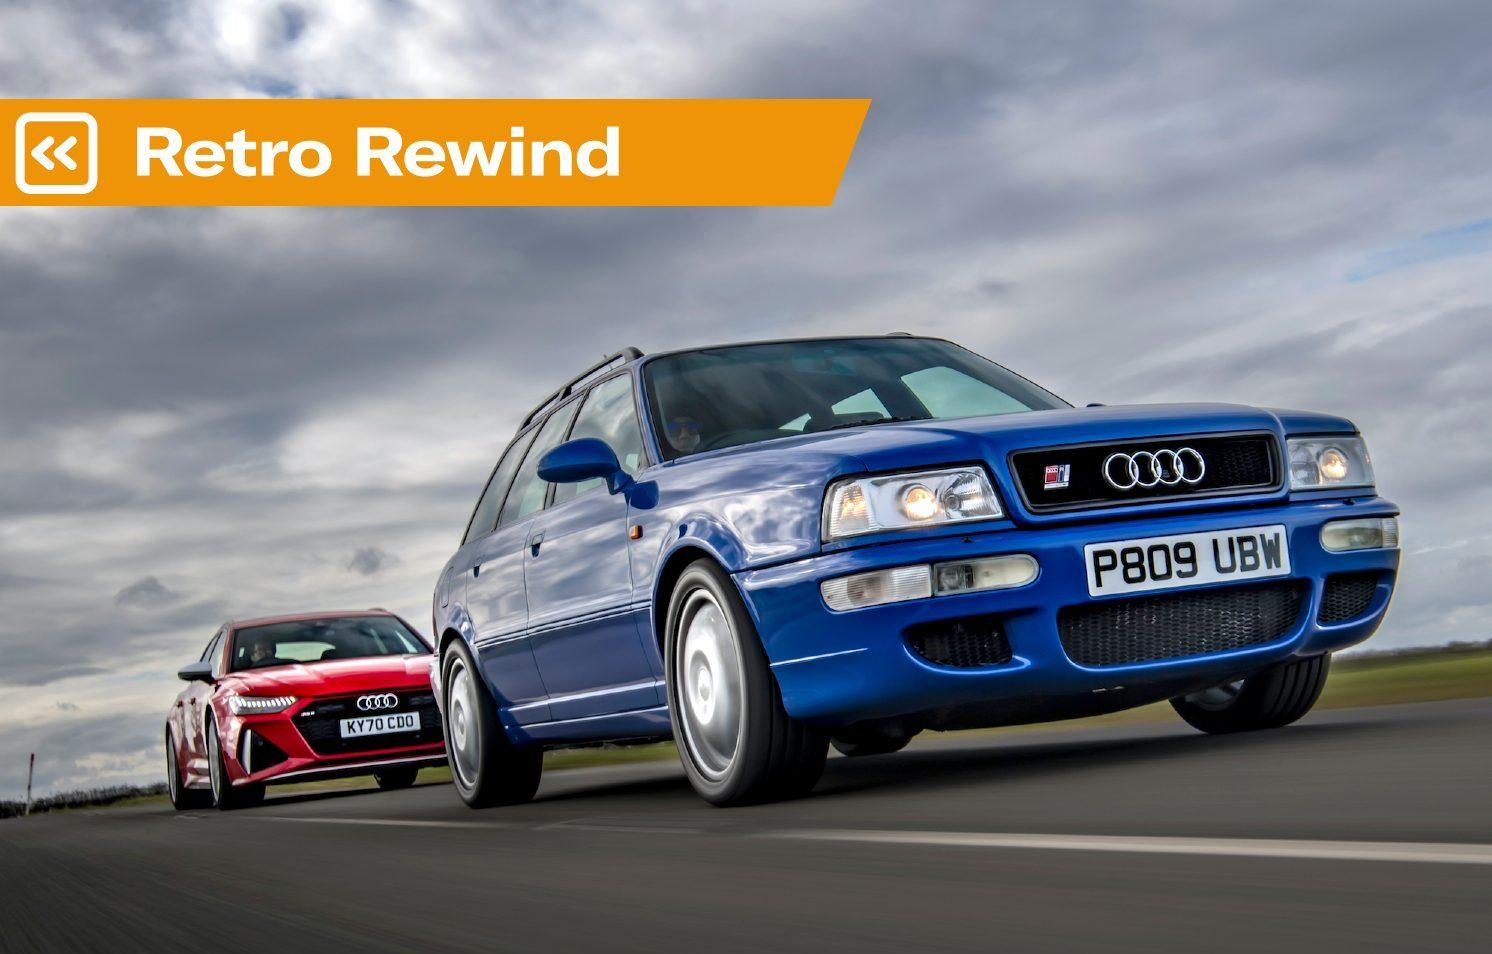 Retro Rewind: Audi RS2 vs Audi RS6